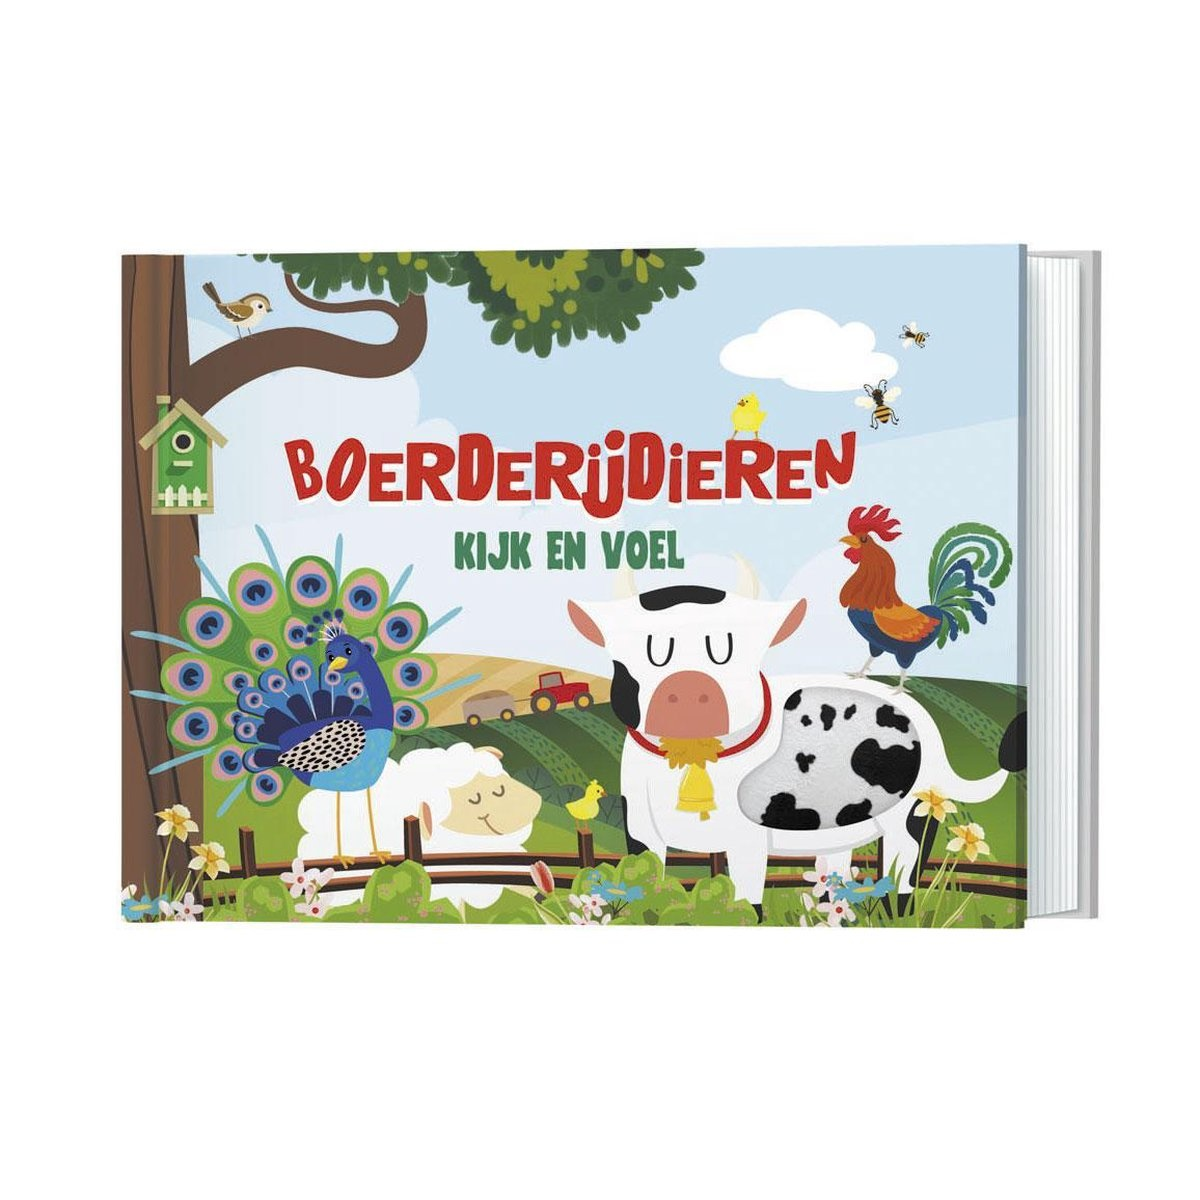 Fiona Huisman Kijk en voel boerderijdieren